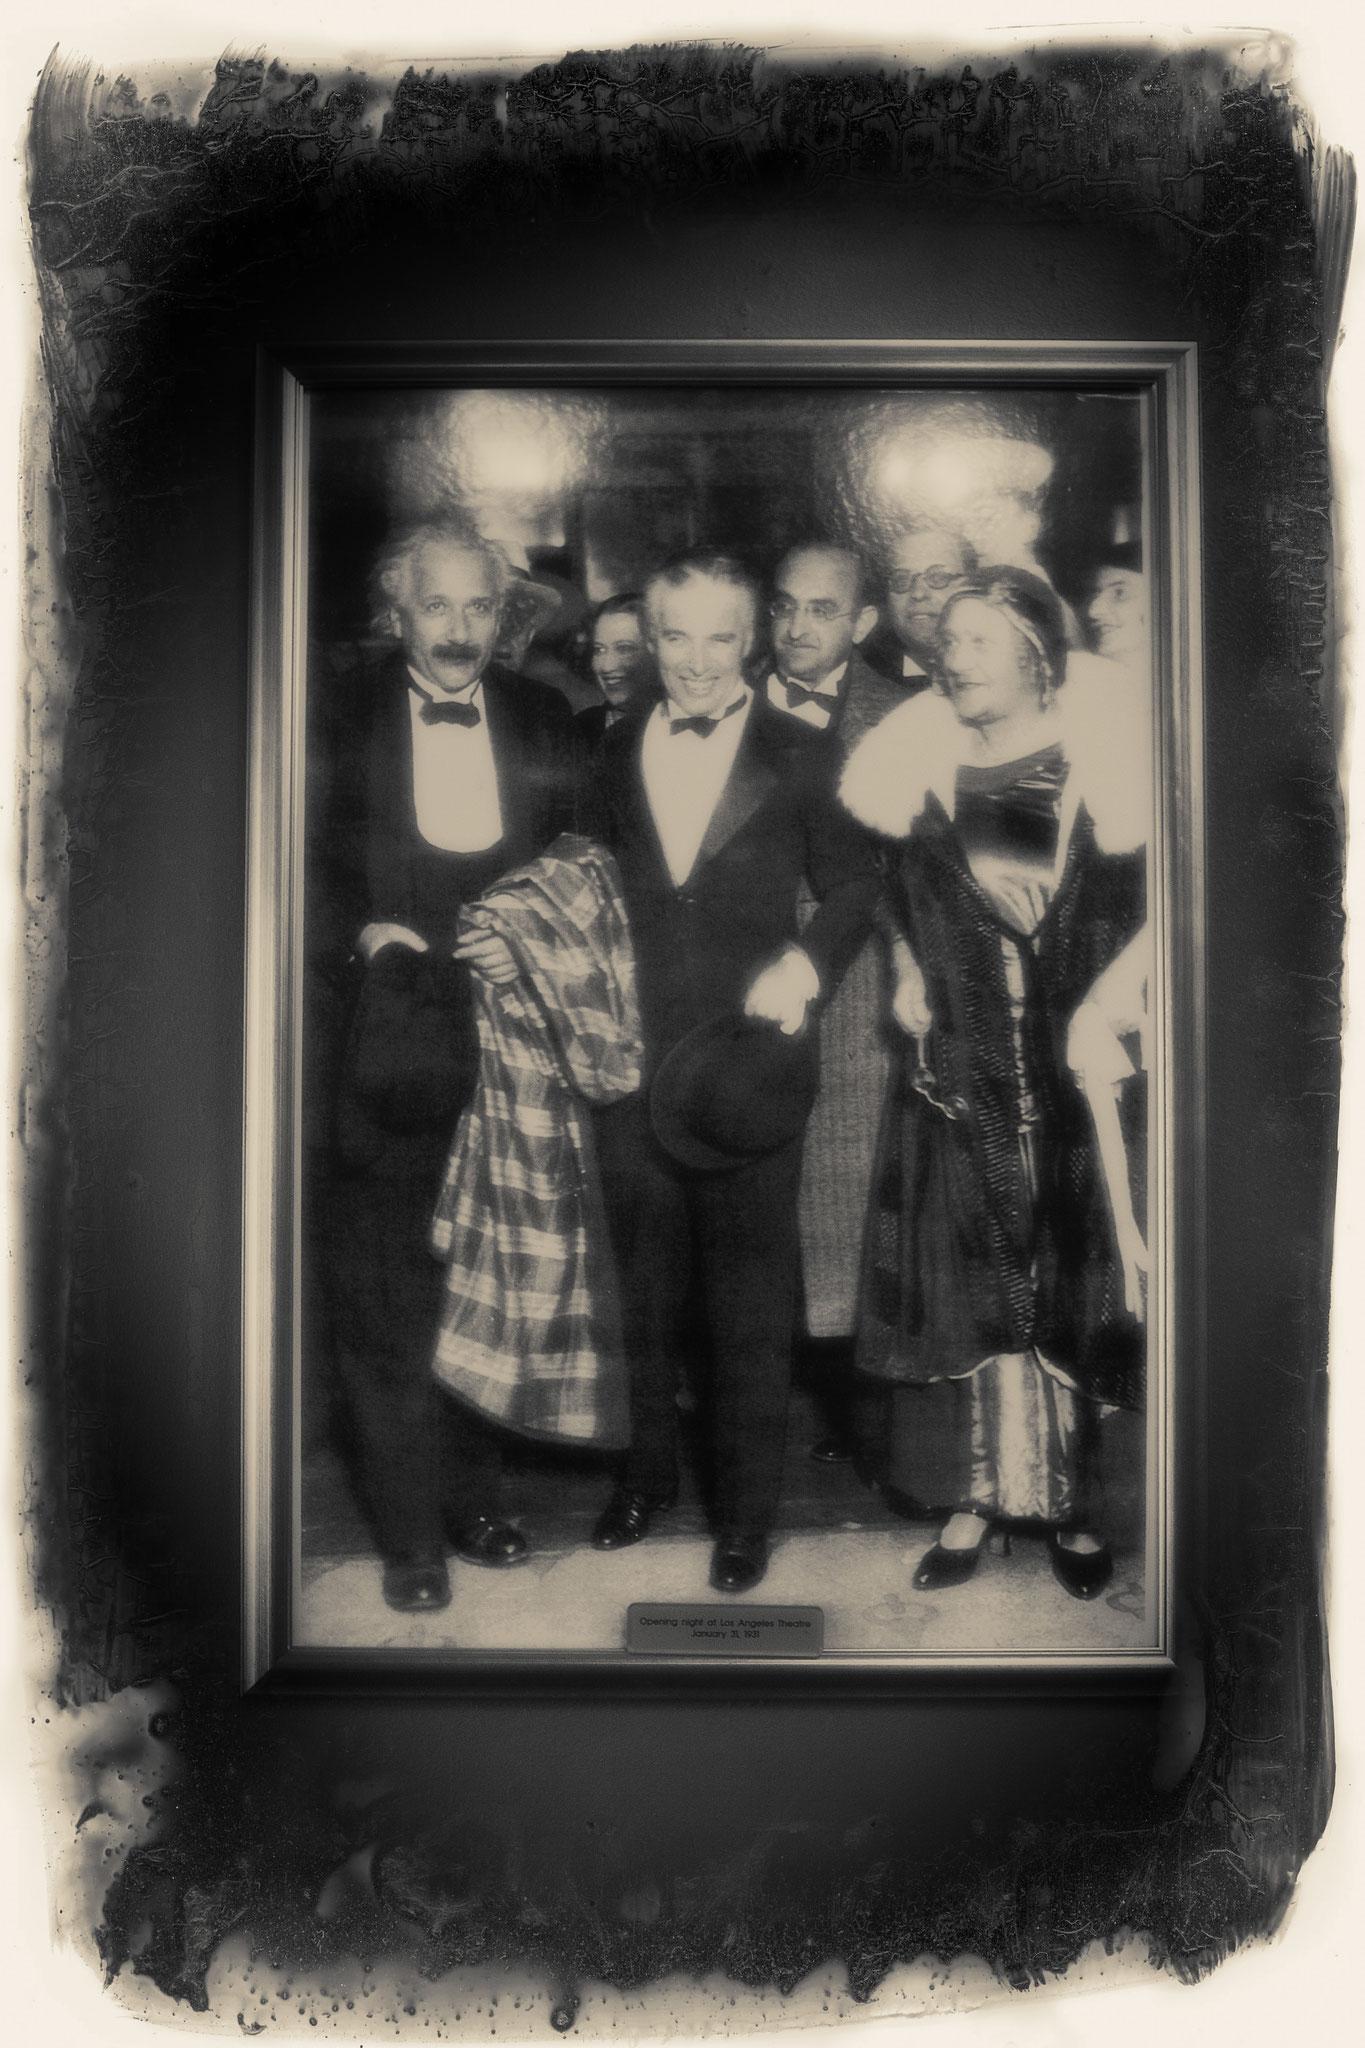 LOS ANGELES THEATER OPENNING WITH CHARLIE CHAPLIN & ALBERT EINSTEIN 1931